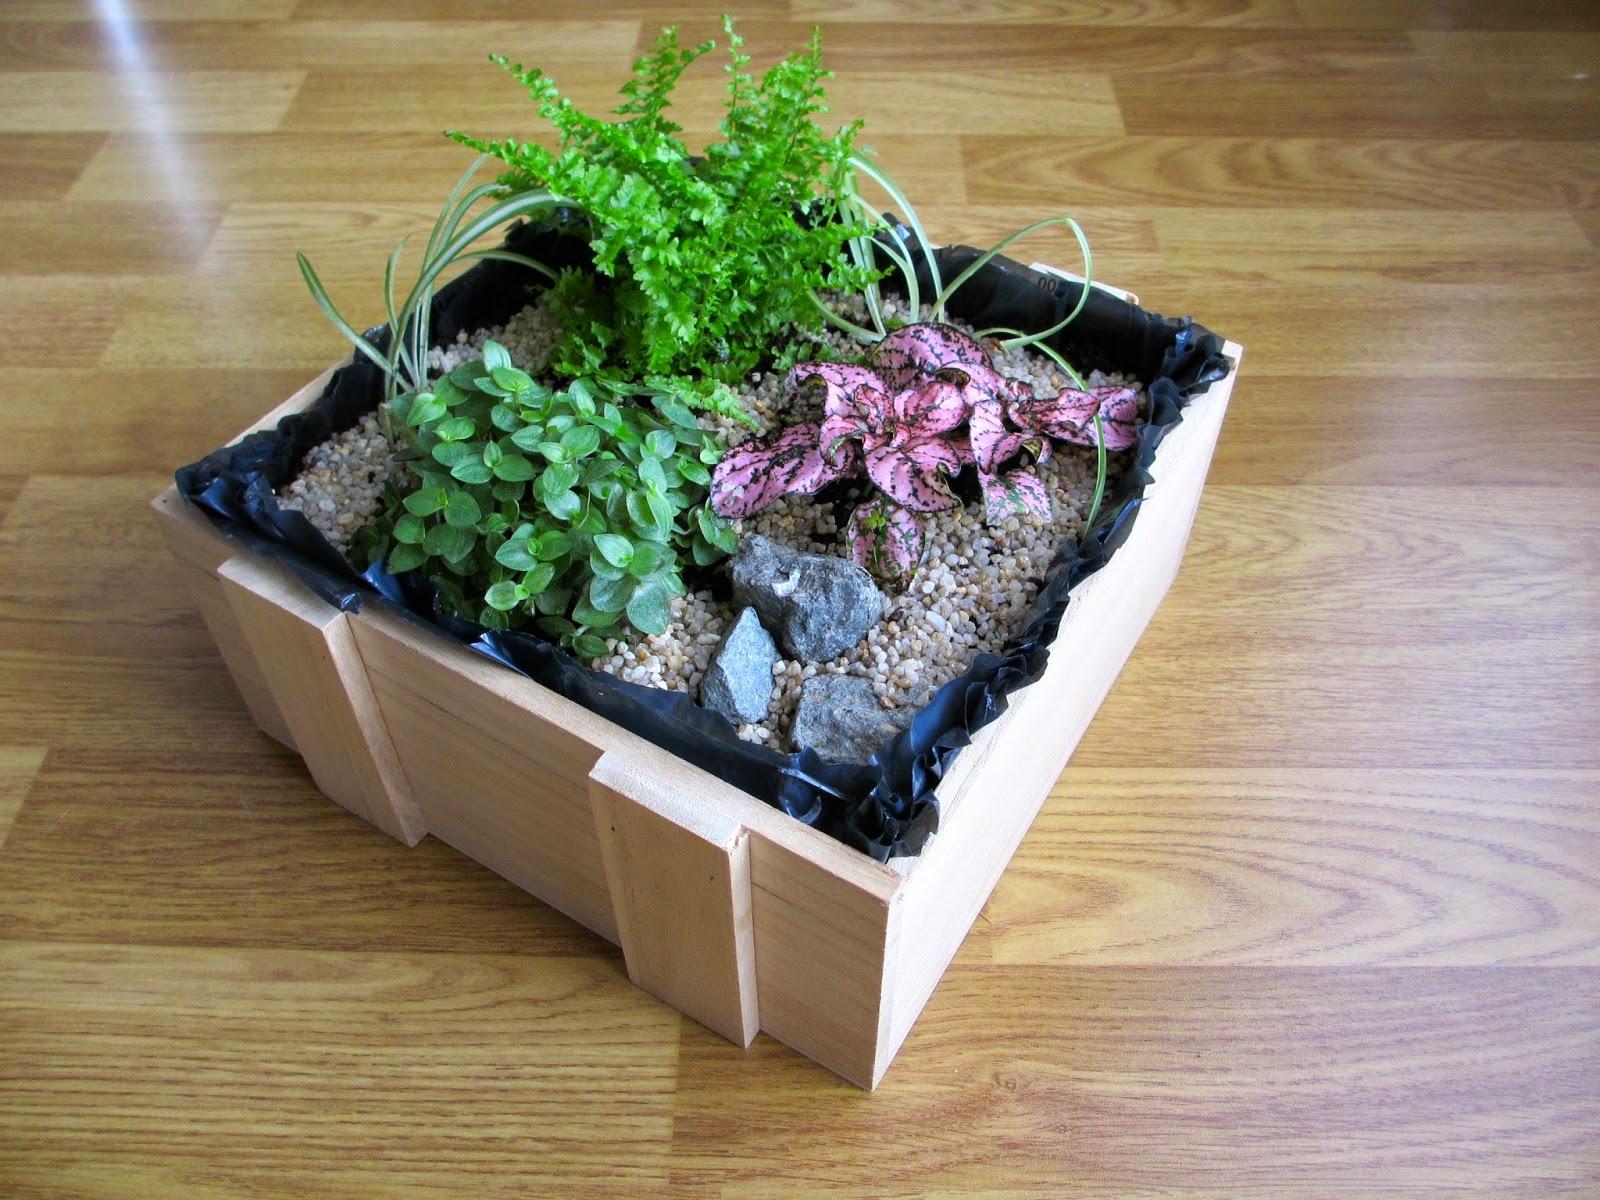 Ils Poussent Un Peu Partout Sur Le Net En Ce Moment : Les Mini Jardins Du0027 Intérieur. Cactus Ou Plantes Vertes Font Entrer Un Petit Bout De Verdure  Dans Nos ...